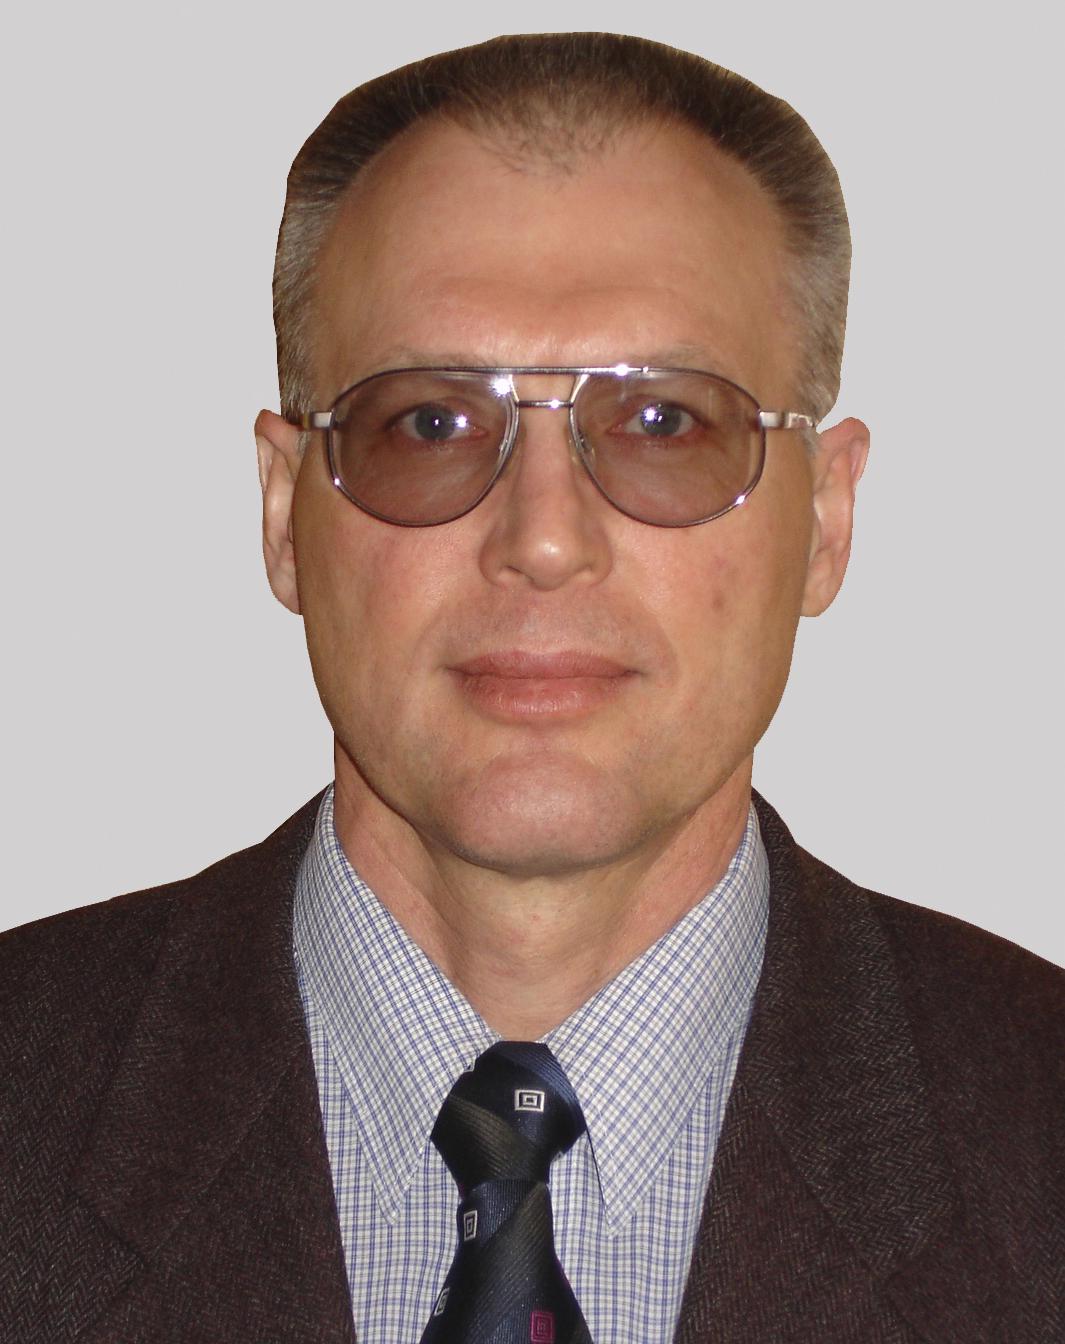 Єфімов Олександр В'ячеславович